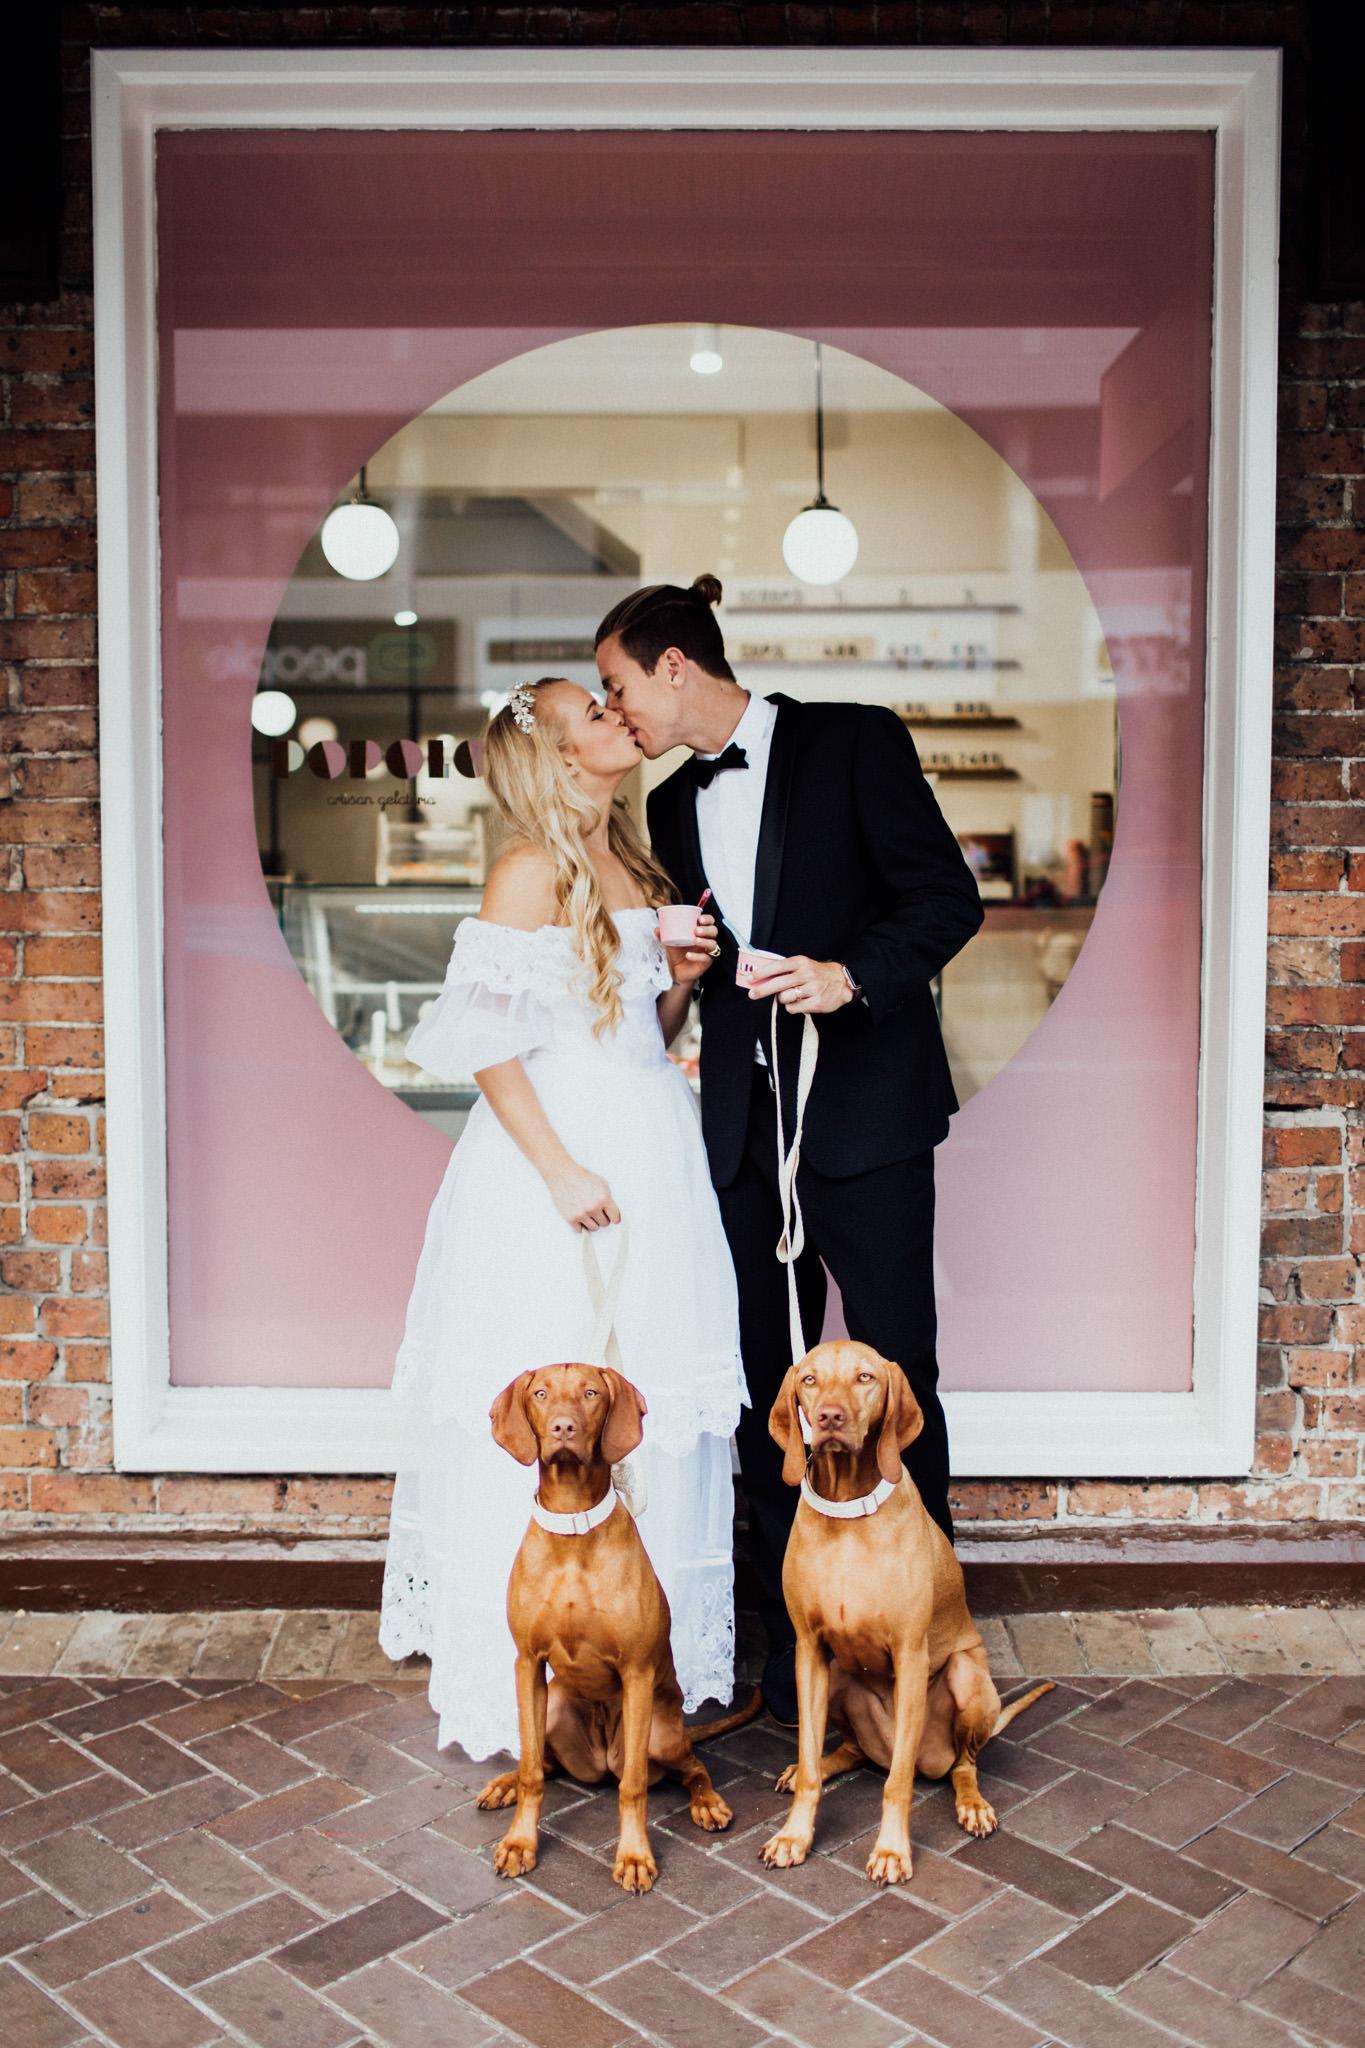 WeddingPhotos_Facebook_2048pixels-1049.jpg